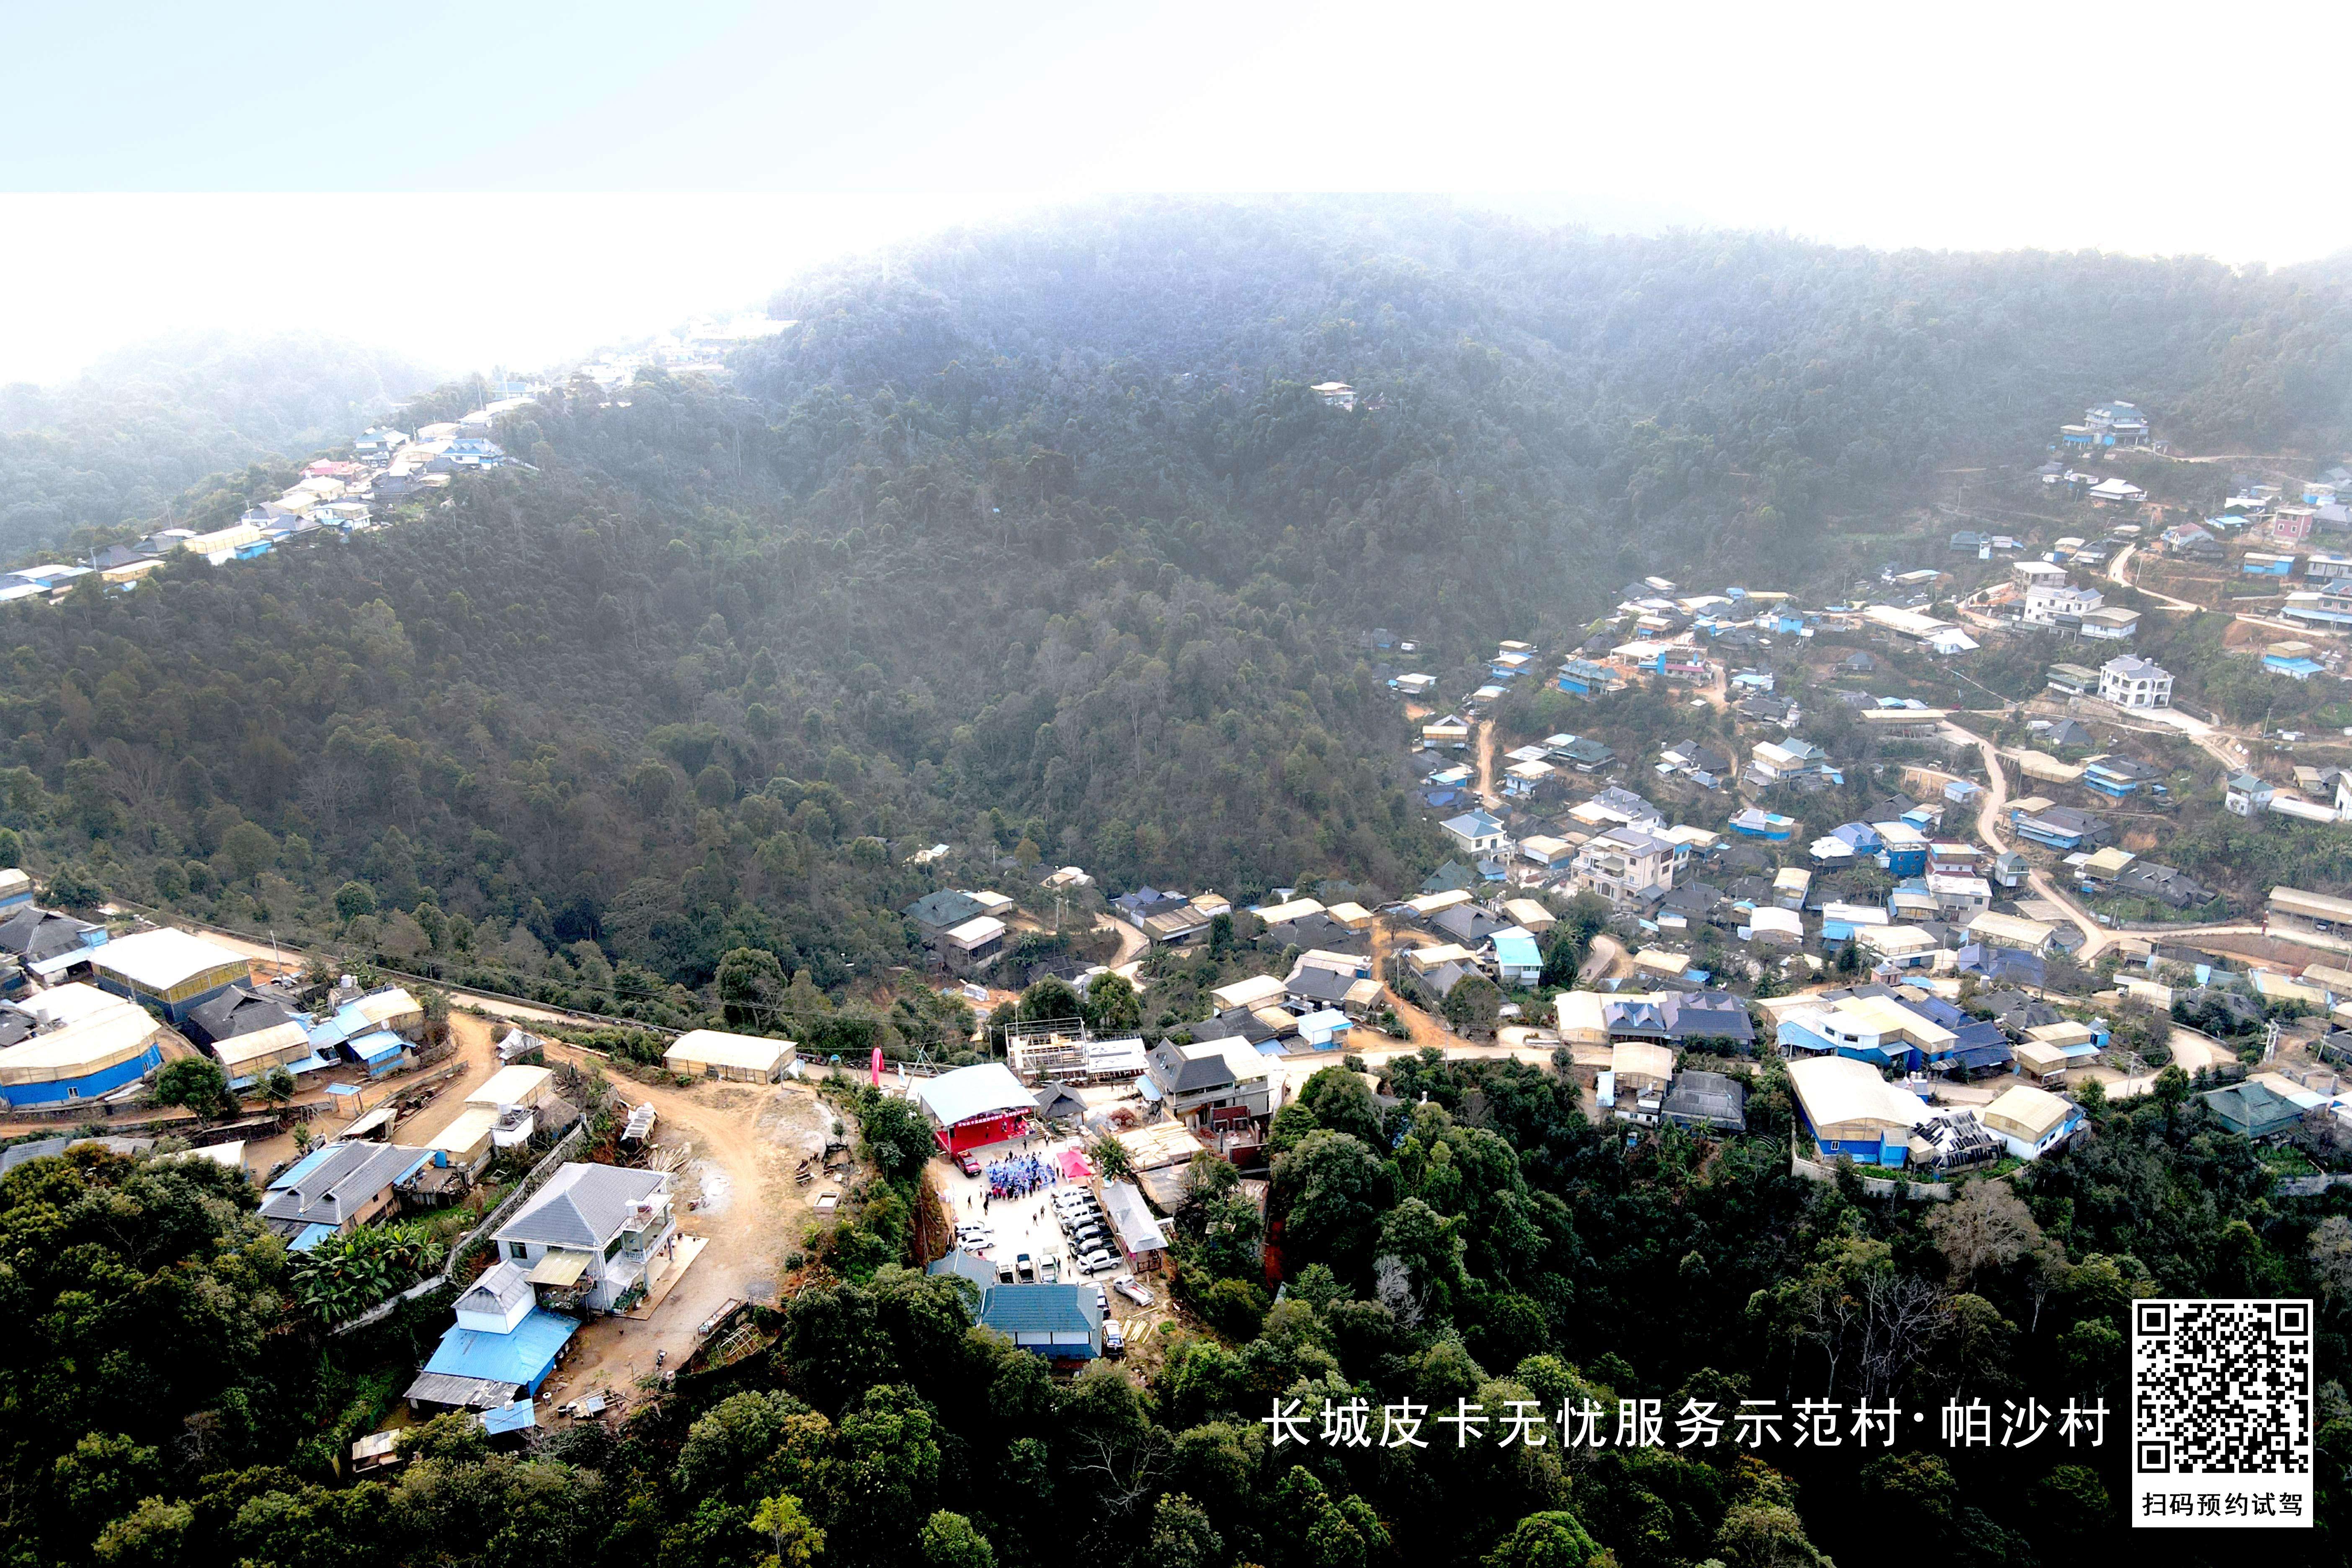 http://pic.cheshen.cn/imgs/7be8ae0c17d94b0912b30bbaeebfed73.jpg